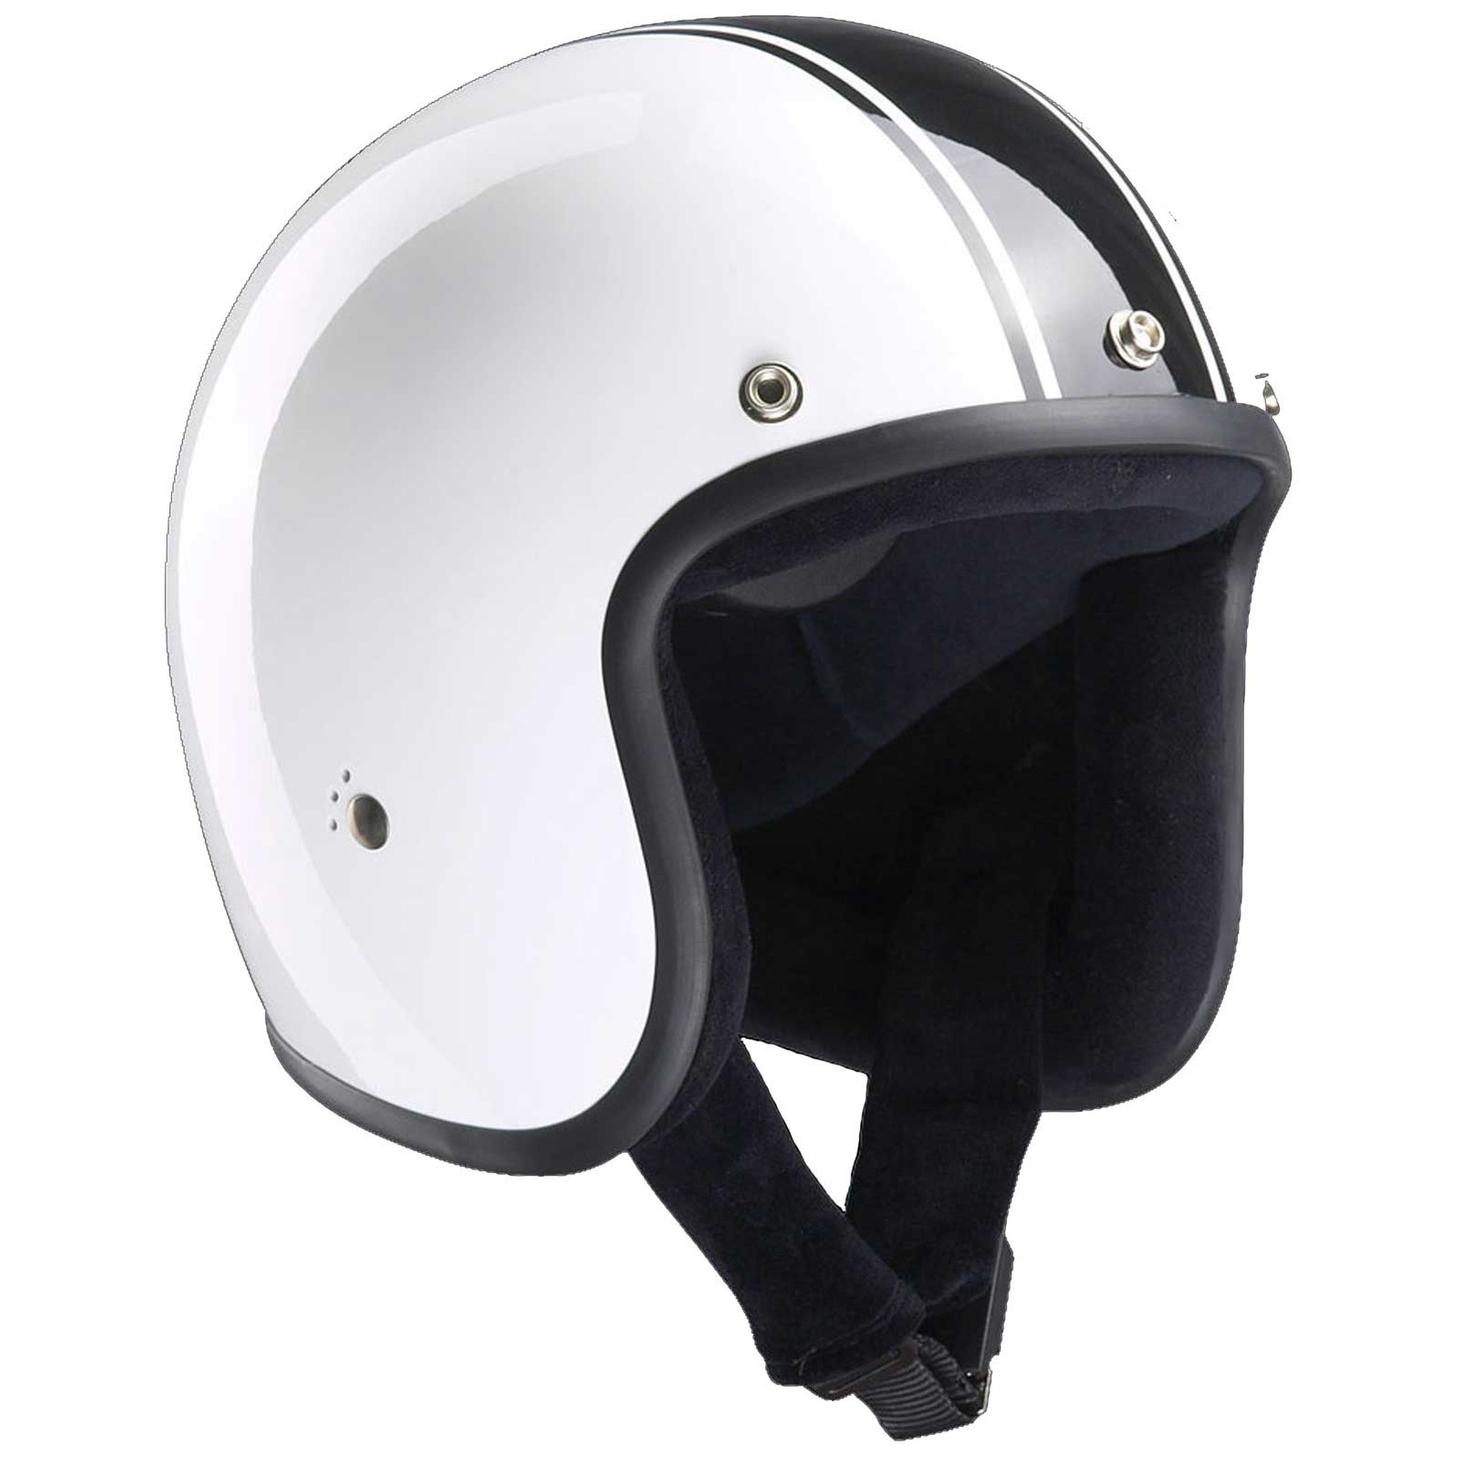 Bandit Classic Jet Helmet - Classic Motorcycle Helmet – Picture 2